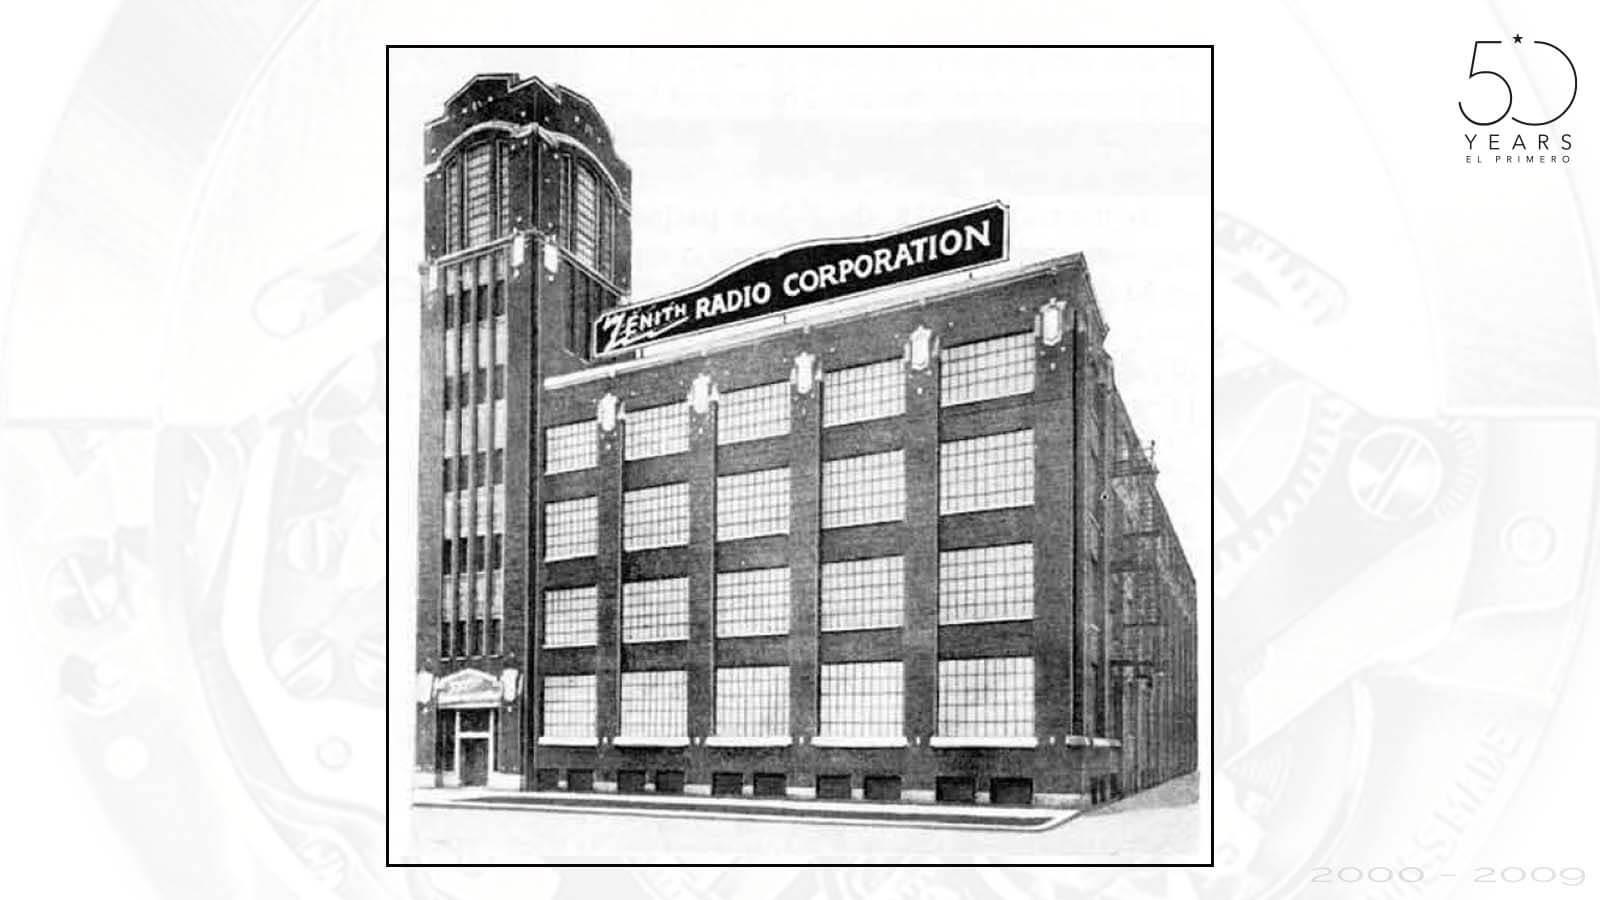 Firmengebäude der ZENITH Radio Corporation